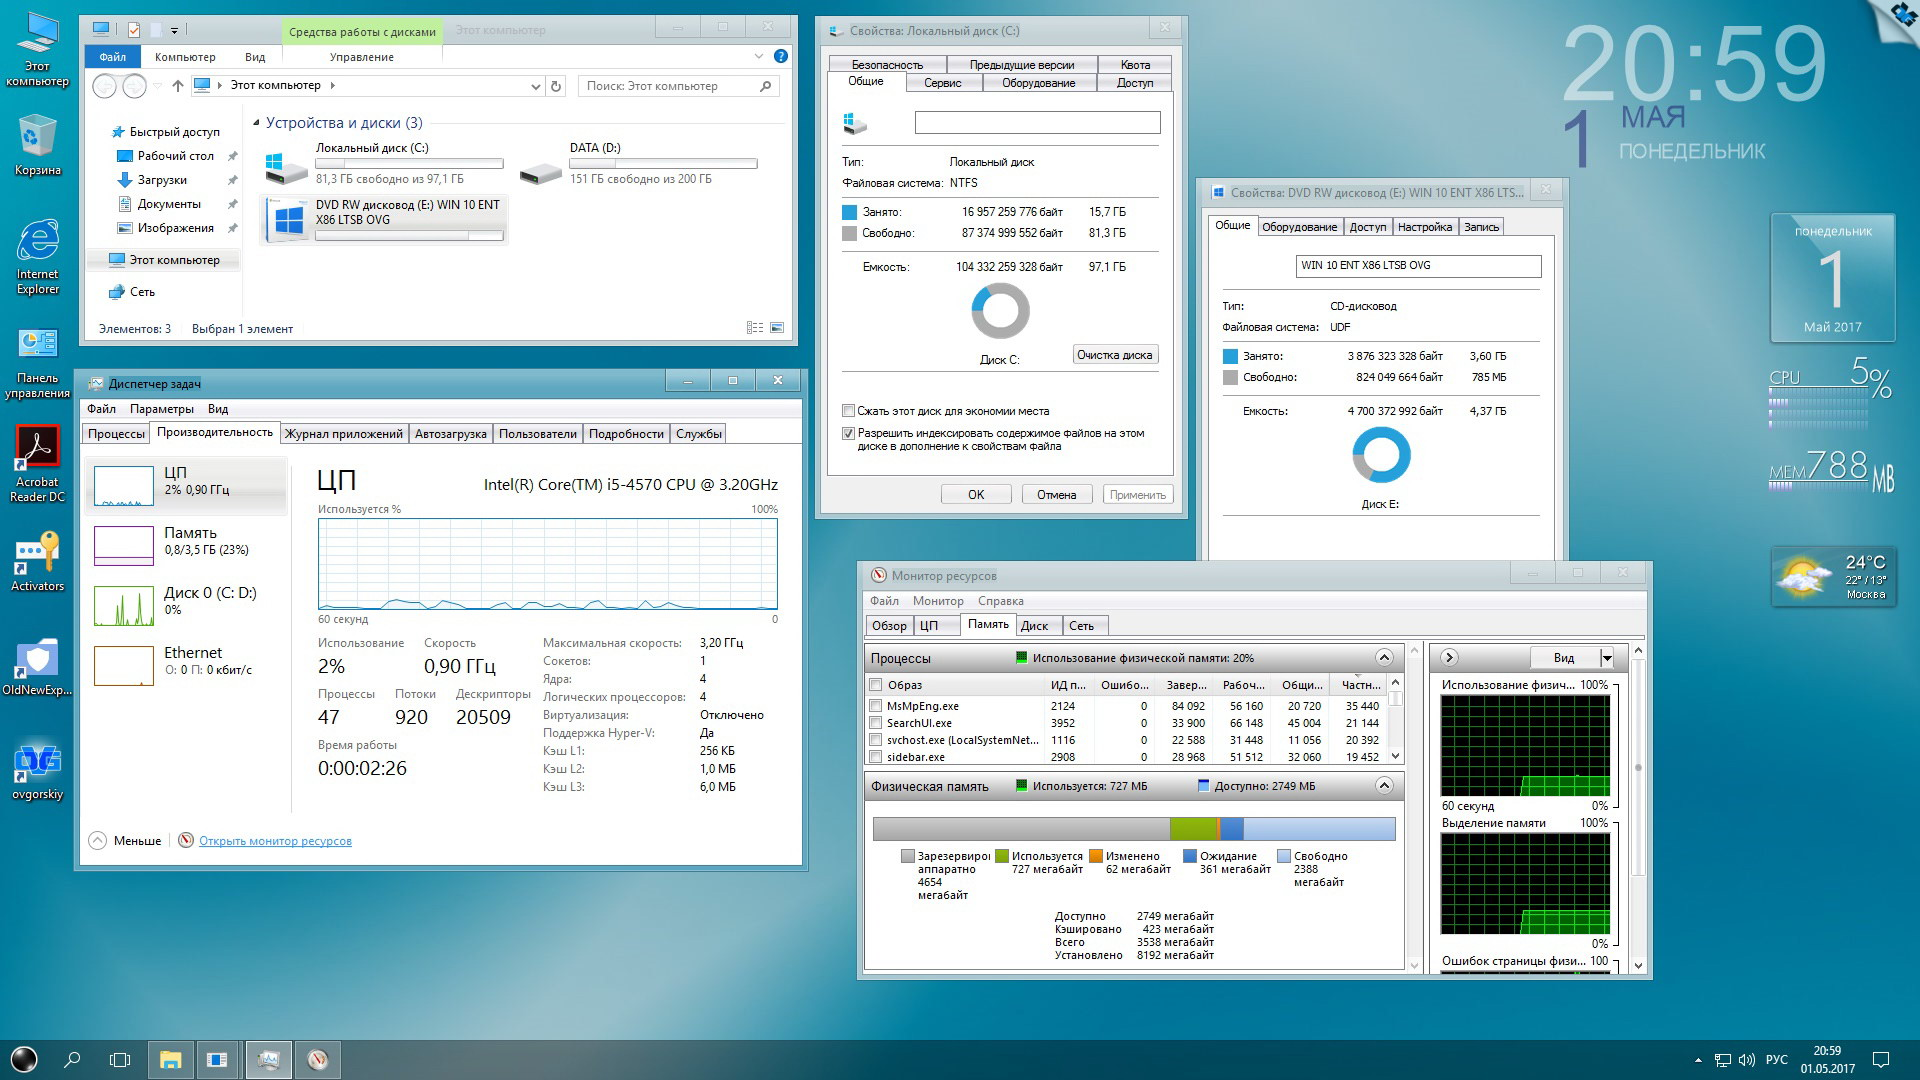 Windows 10 Enterprise LTSB x86/x64 1607 RU Office16 by OVGorskiy® 05.2017 2DVD (2017) Русский